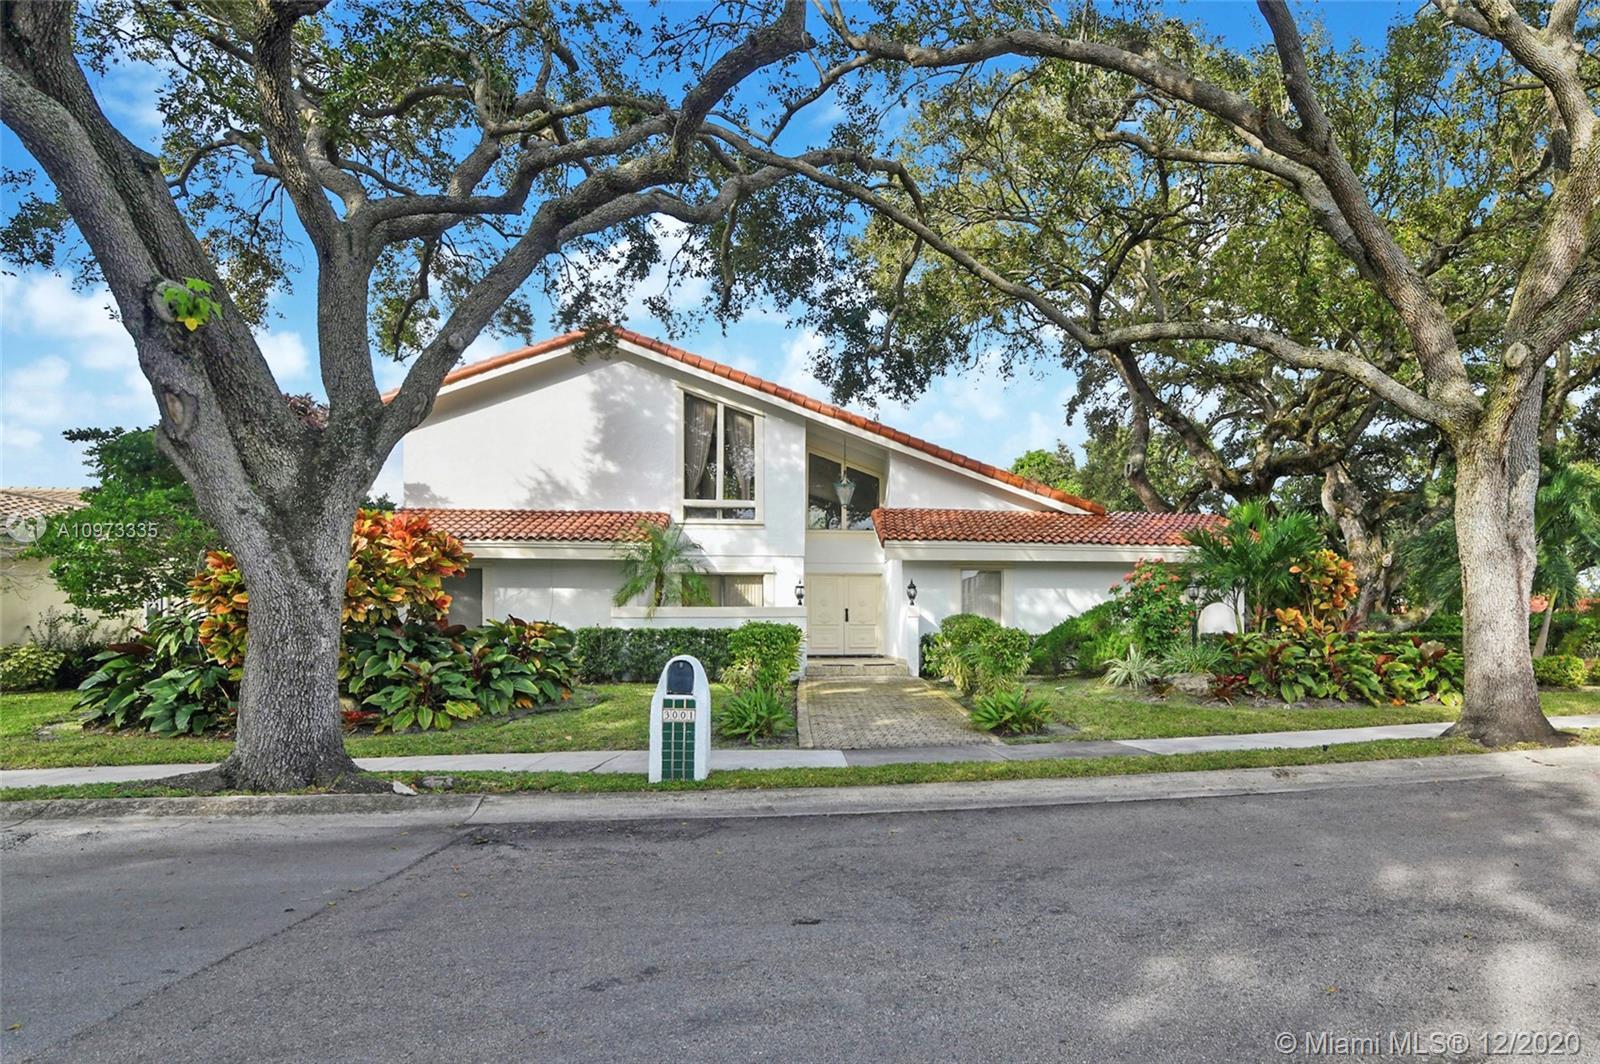 Emerald Hills - 3001 N 34th St, Hollywood, FL 33021